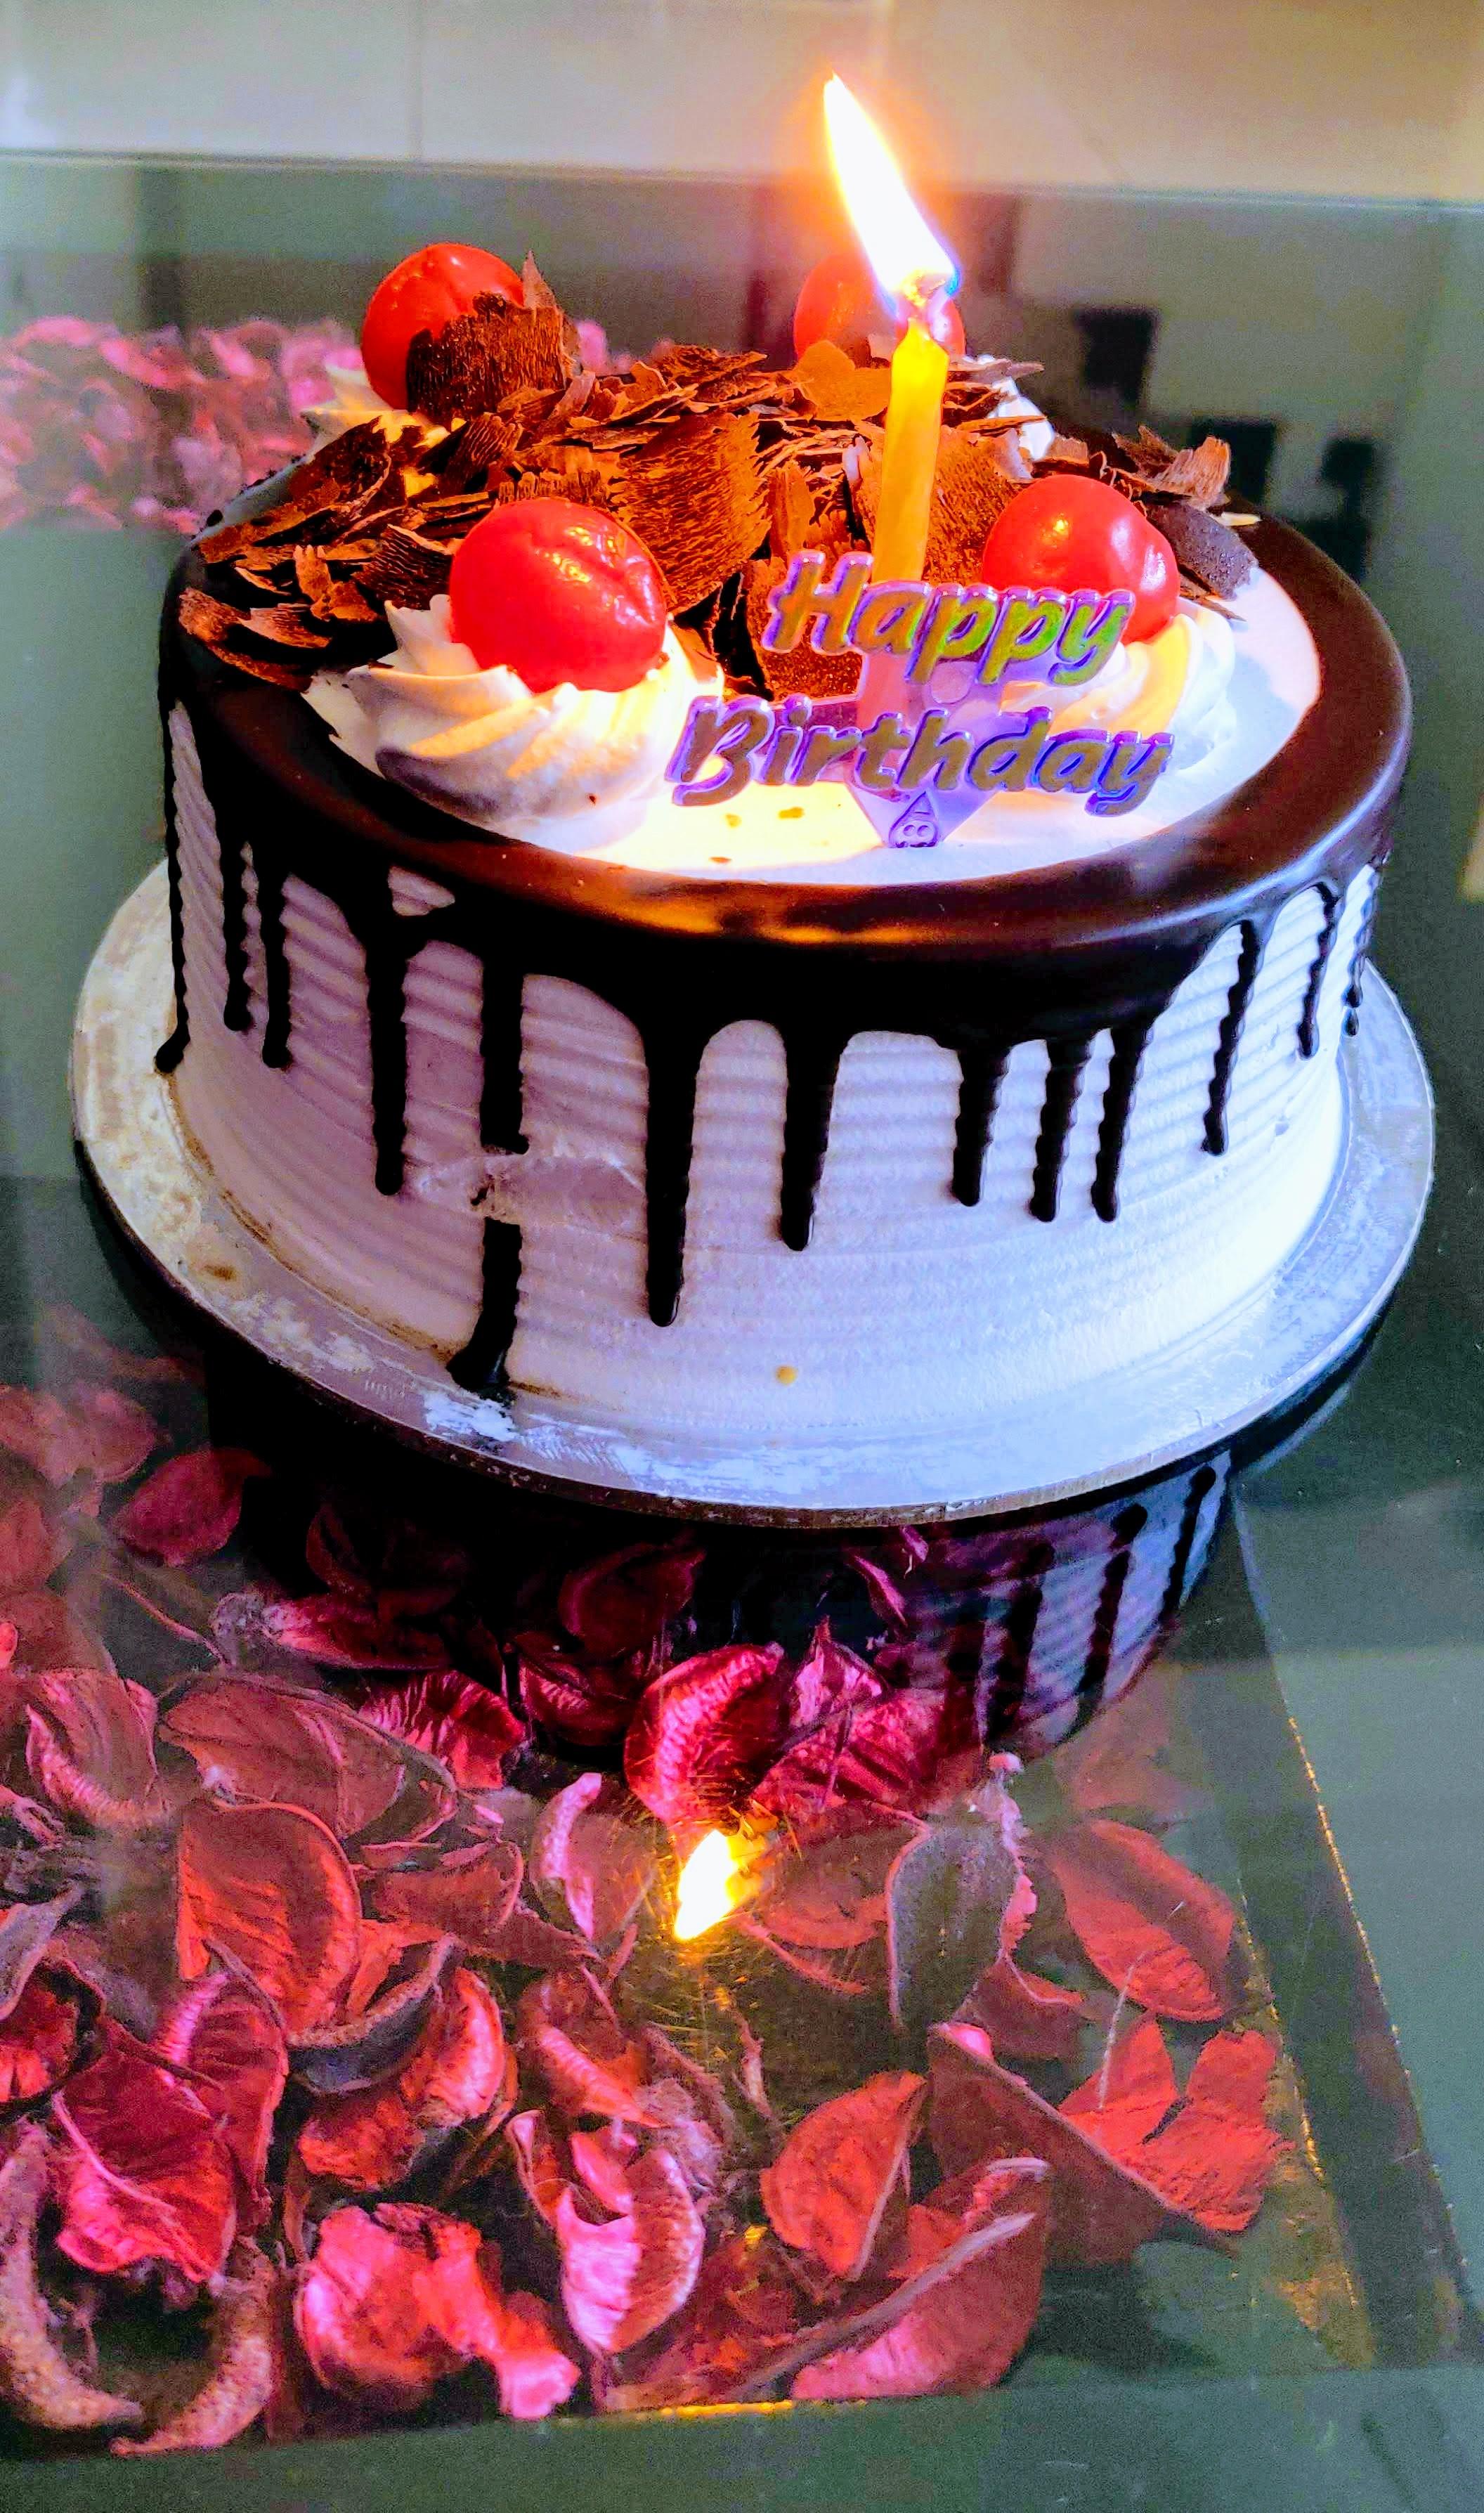 バースデーケーキ ハッピーバースデー 誕生日の無料の写真素材